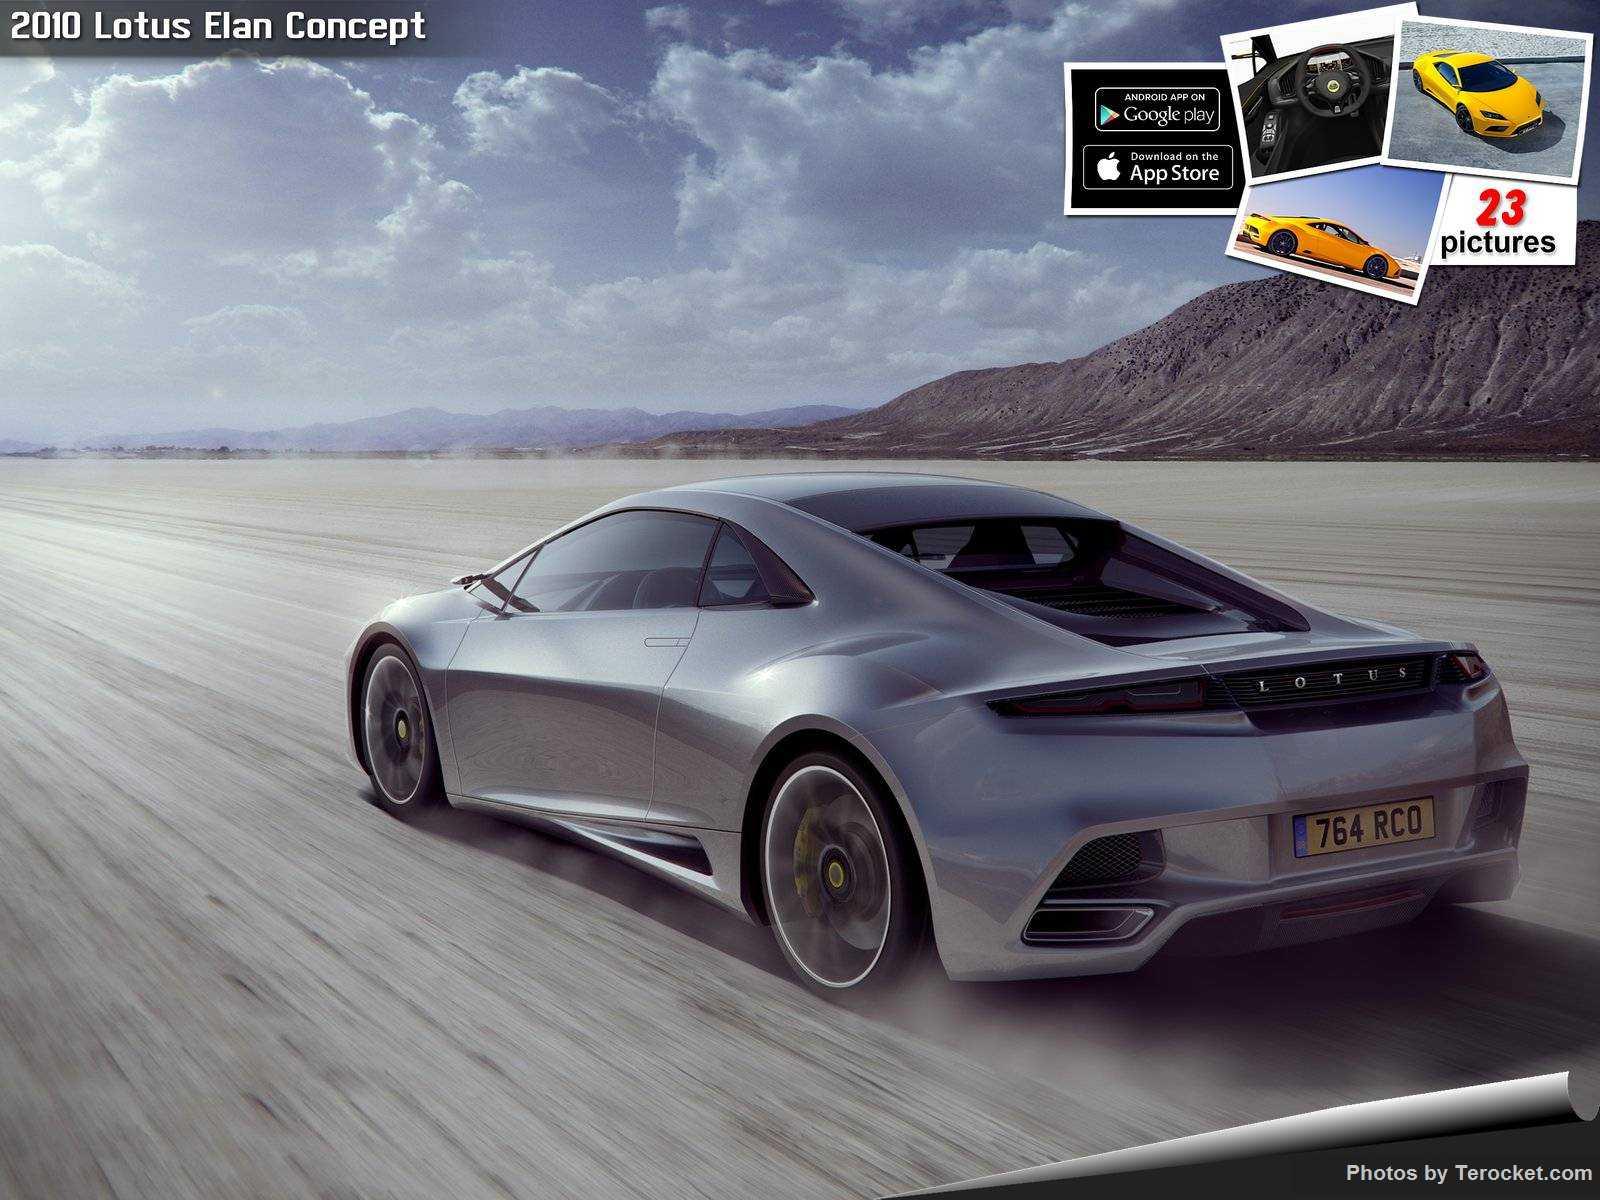 Hình ảnh siêu xe Lotus Elan Concept 2010 & nội ngoại thất